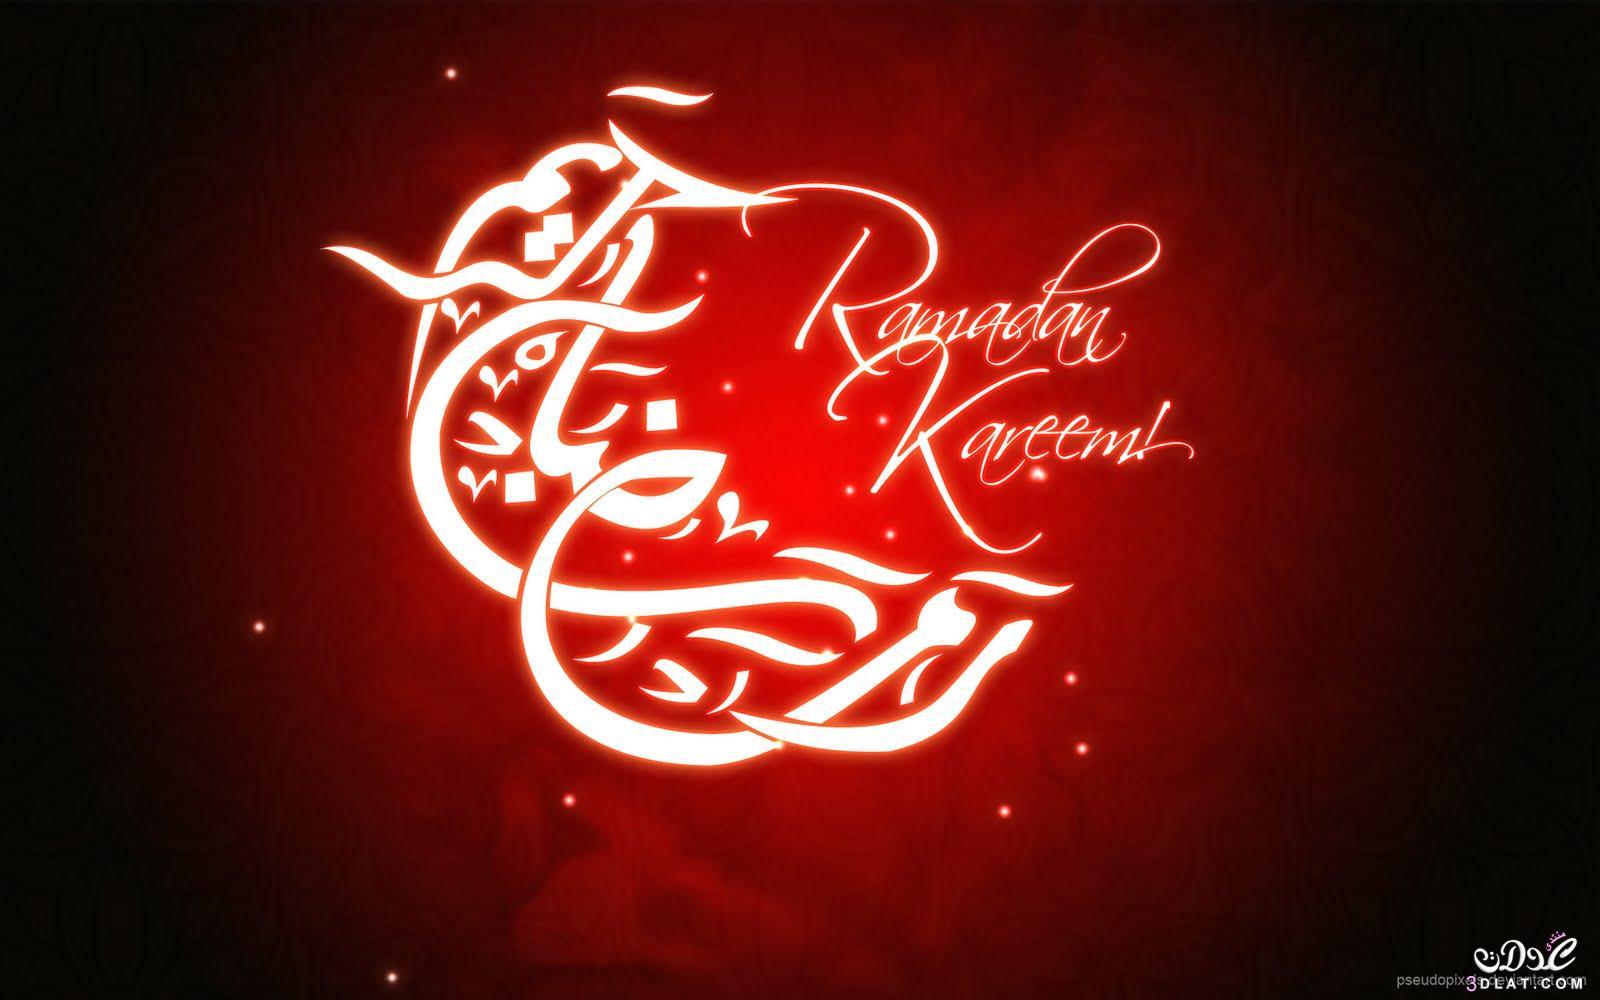 خلفيات رمضانيه أغلفه فيس بوك لرمضان رمزيات رمضانيه عمر ابانا